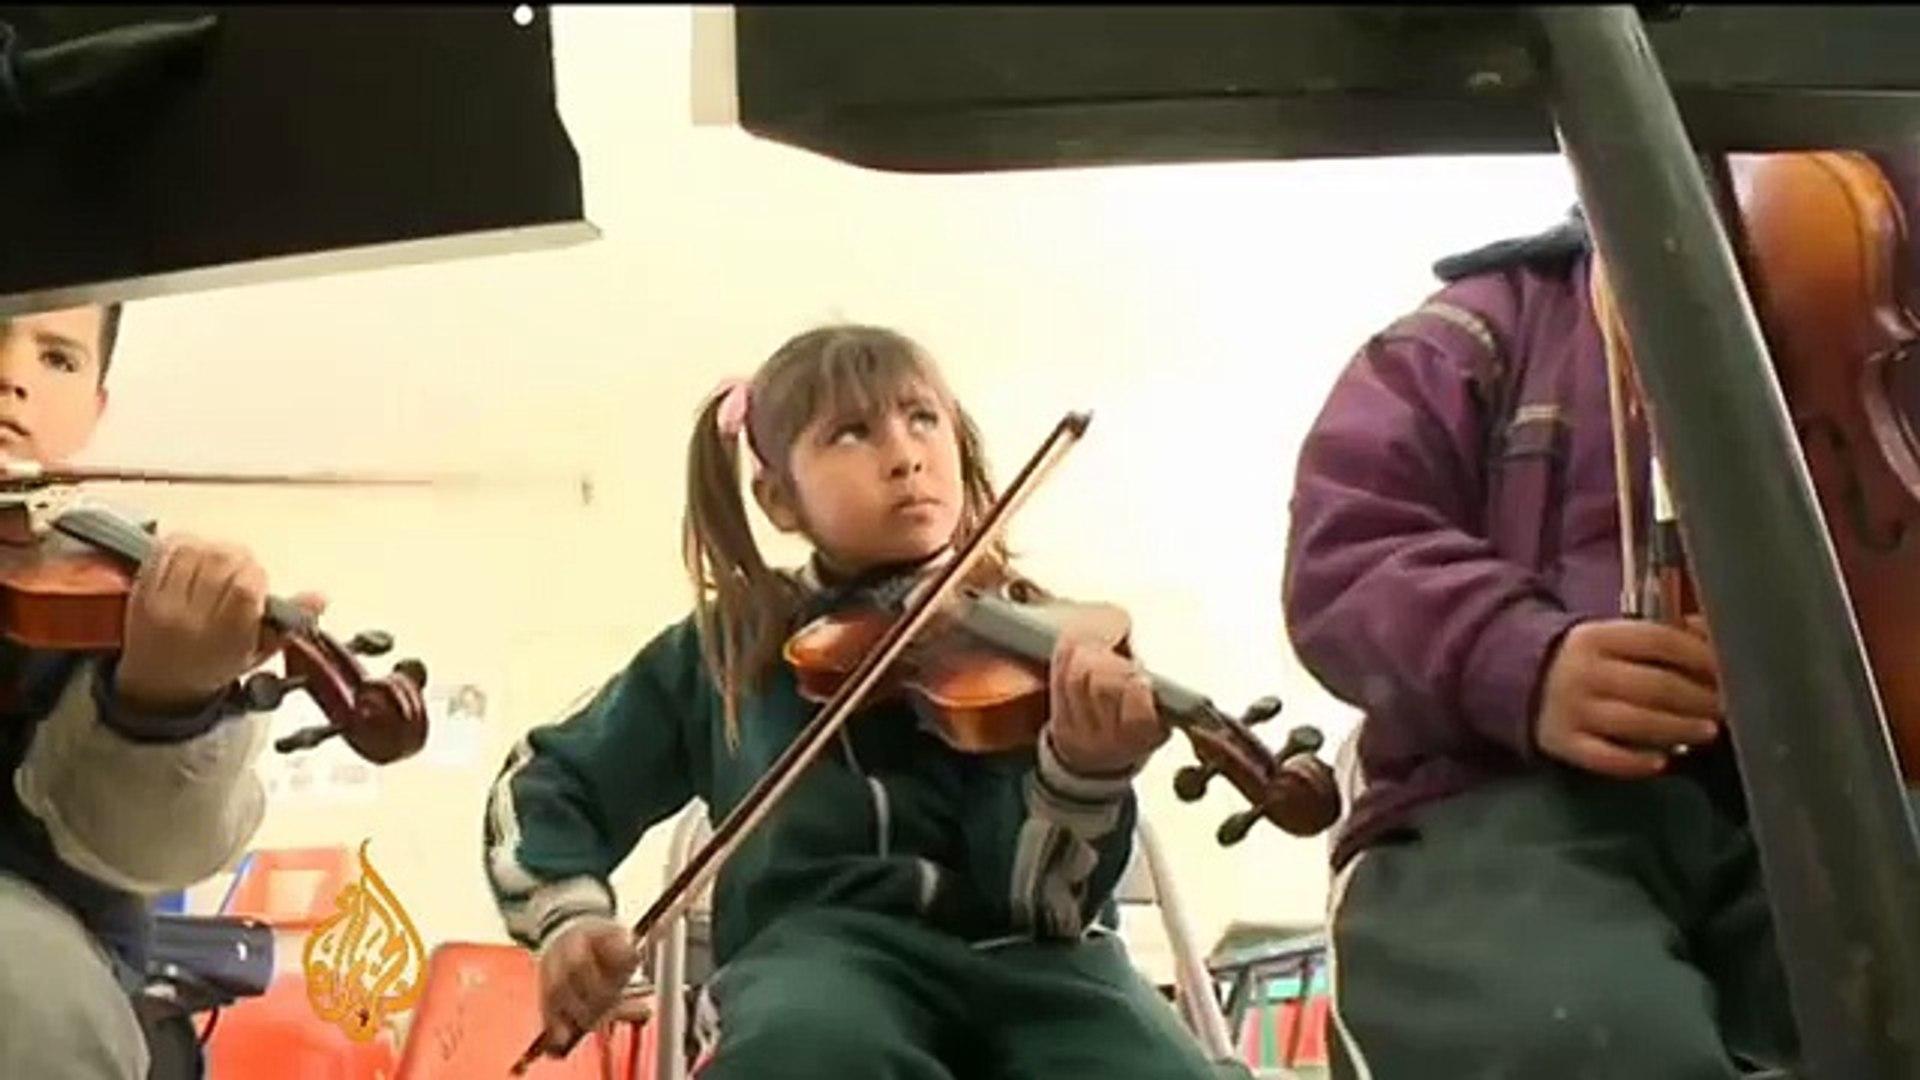 Uplifting kids' lives through music